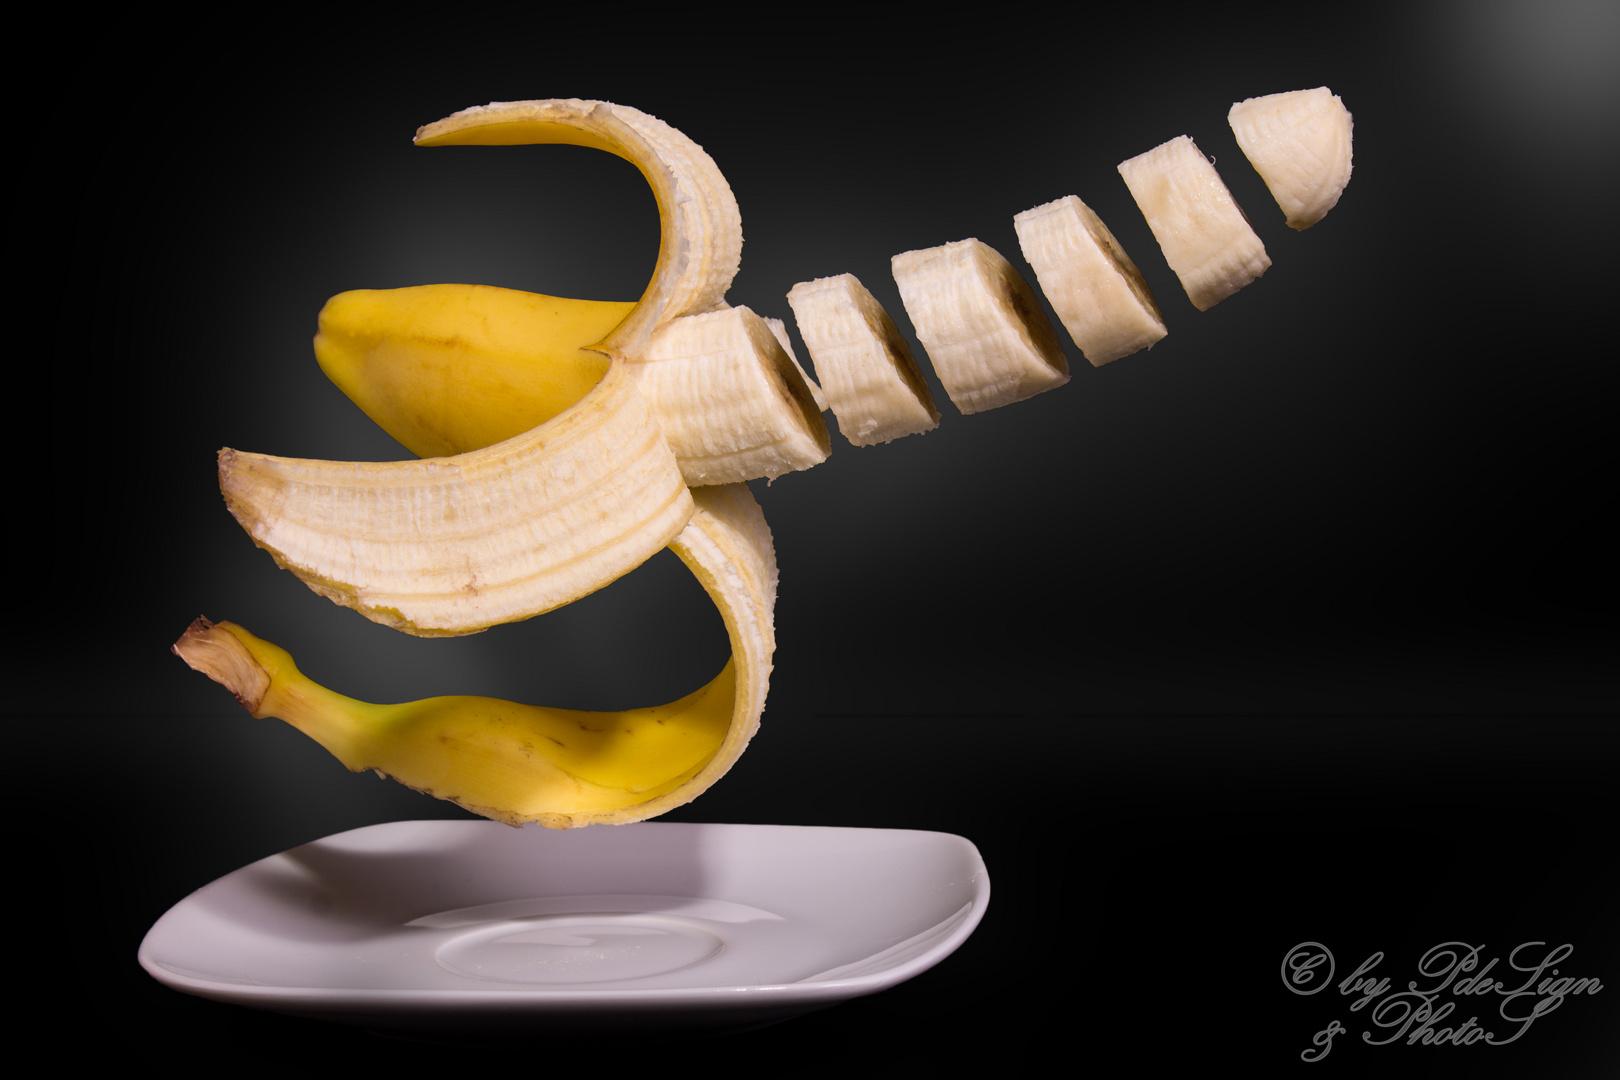 Bananas Hangtime